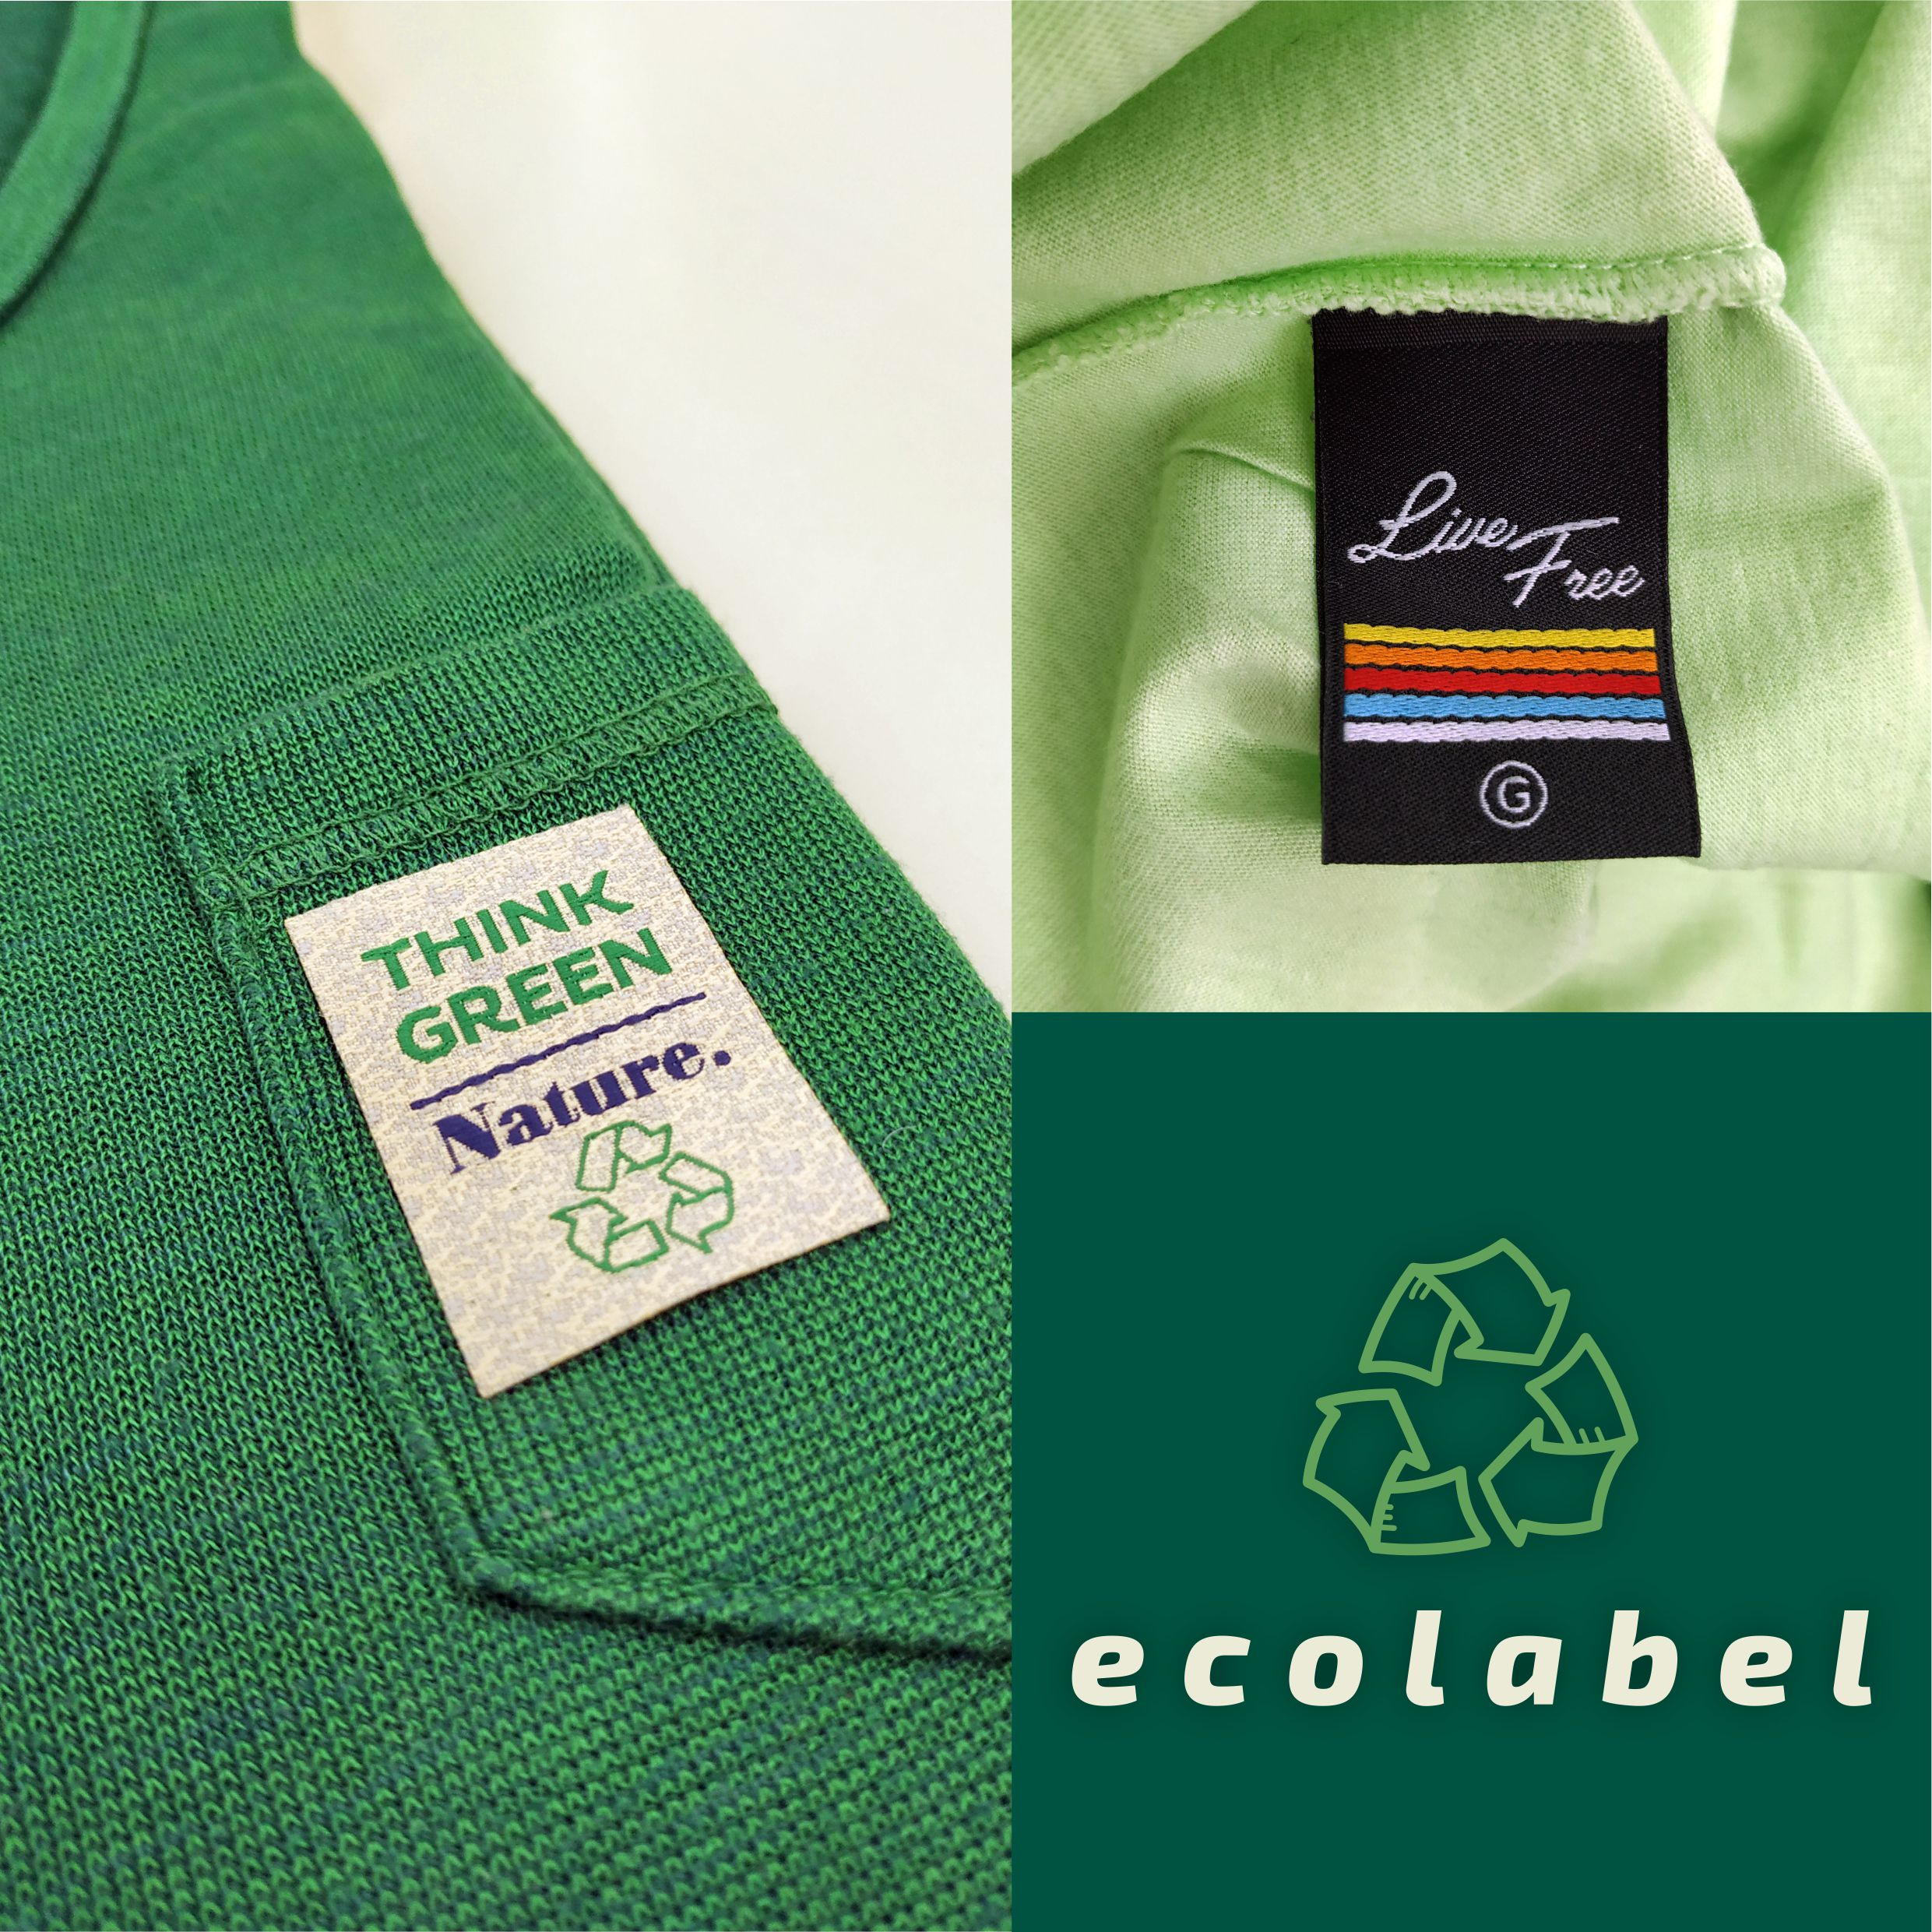 Etiquetas com fios reciclados: Invista nessa ideia para seus produtos